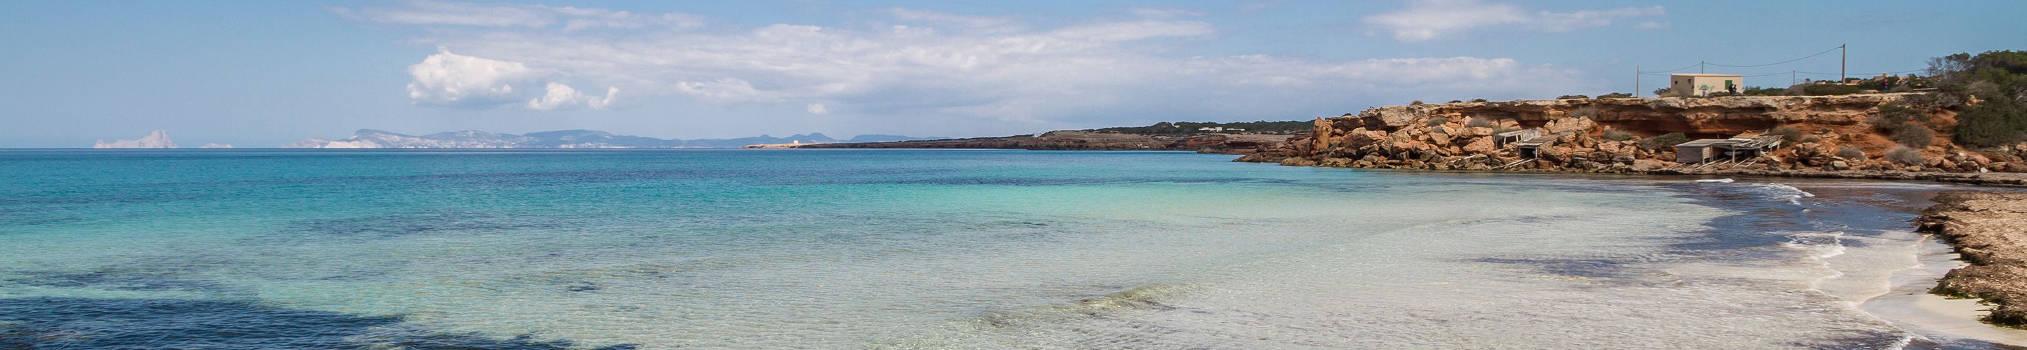 Offerta pacchetti vacanze Formentera a prezzi scontati - Alpitour